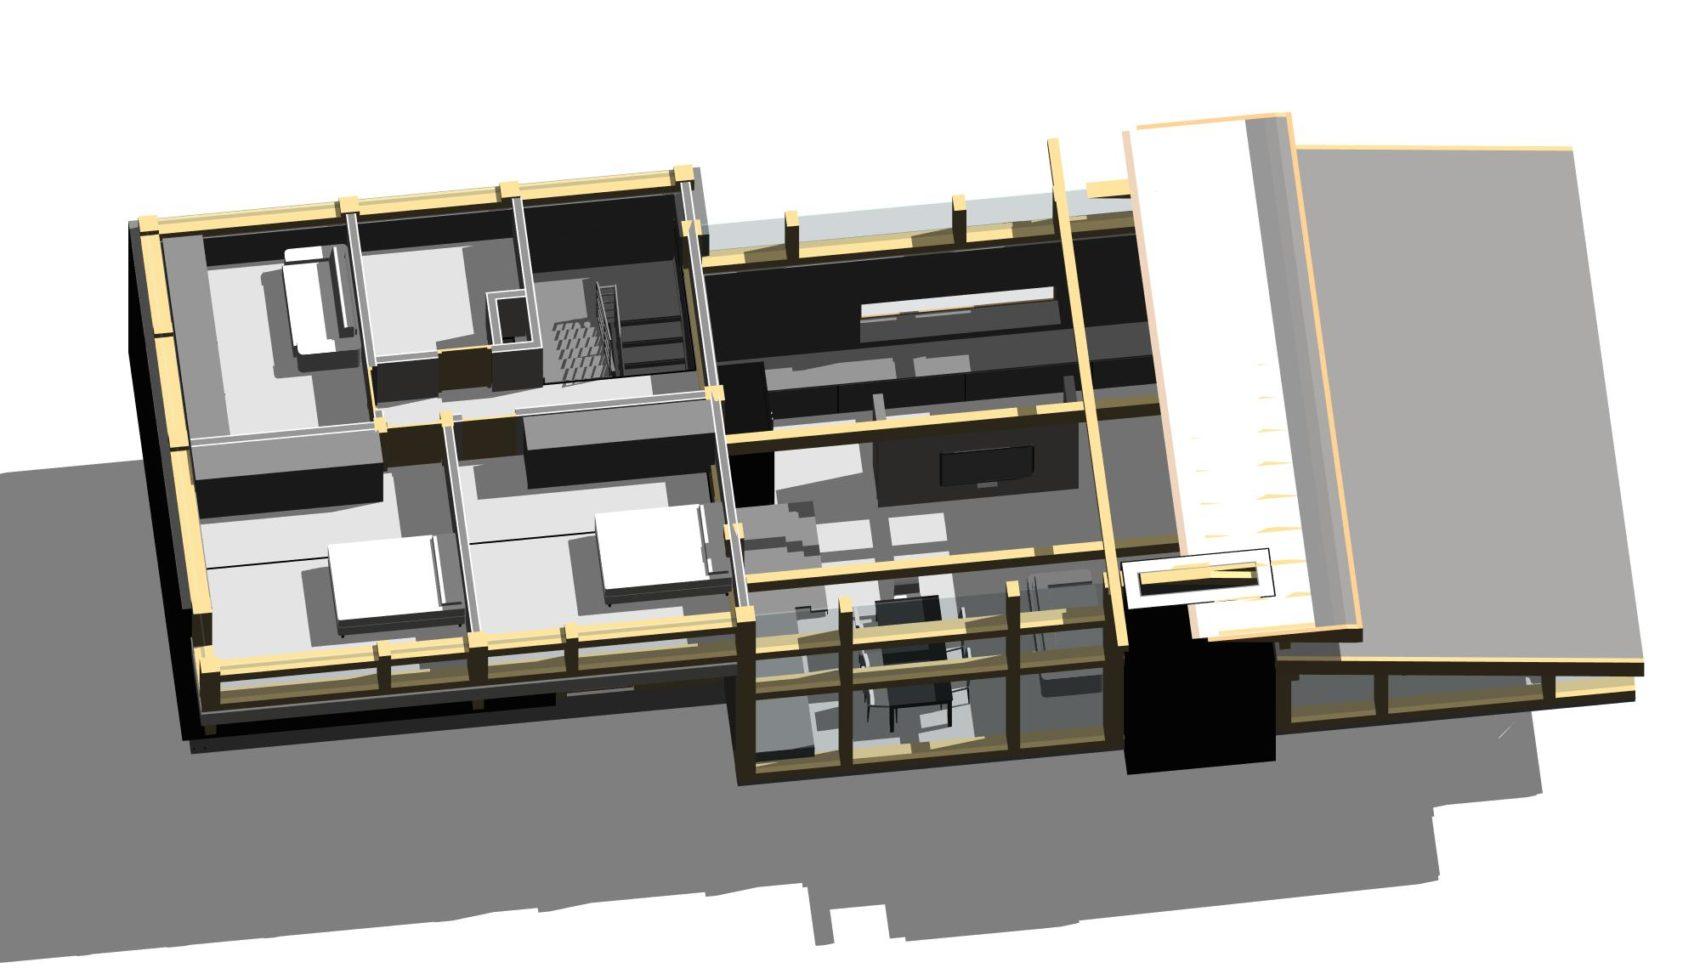 проект комбинированного фахверкового дома_План 2го этажа